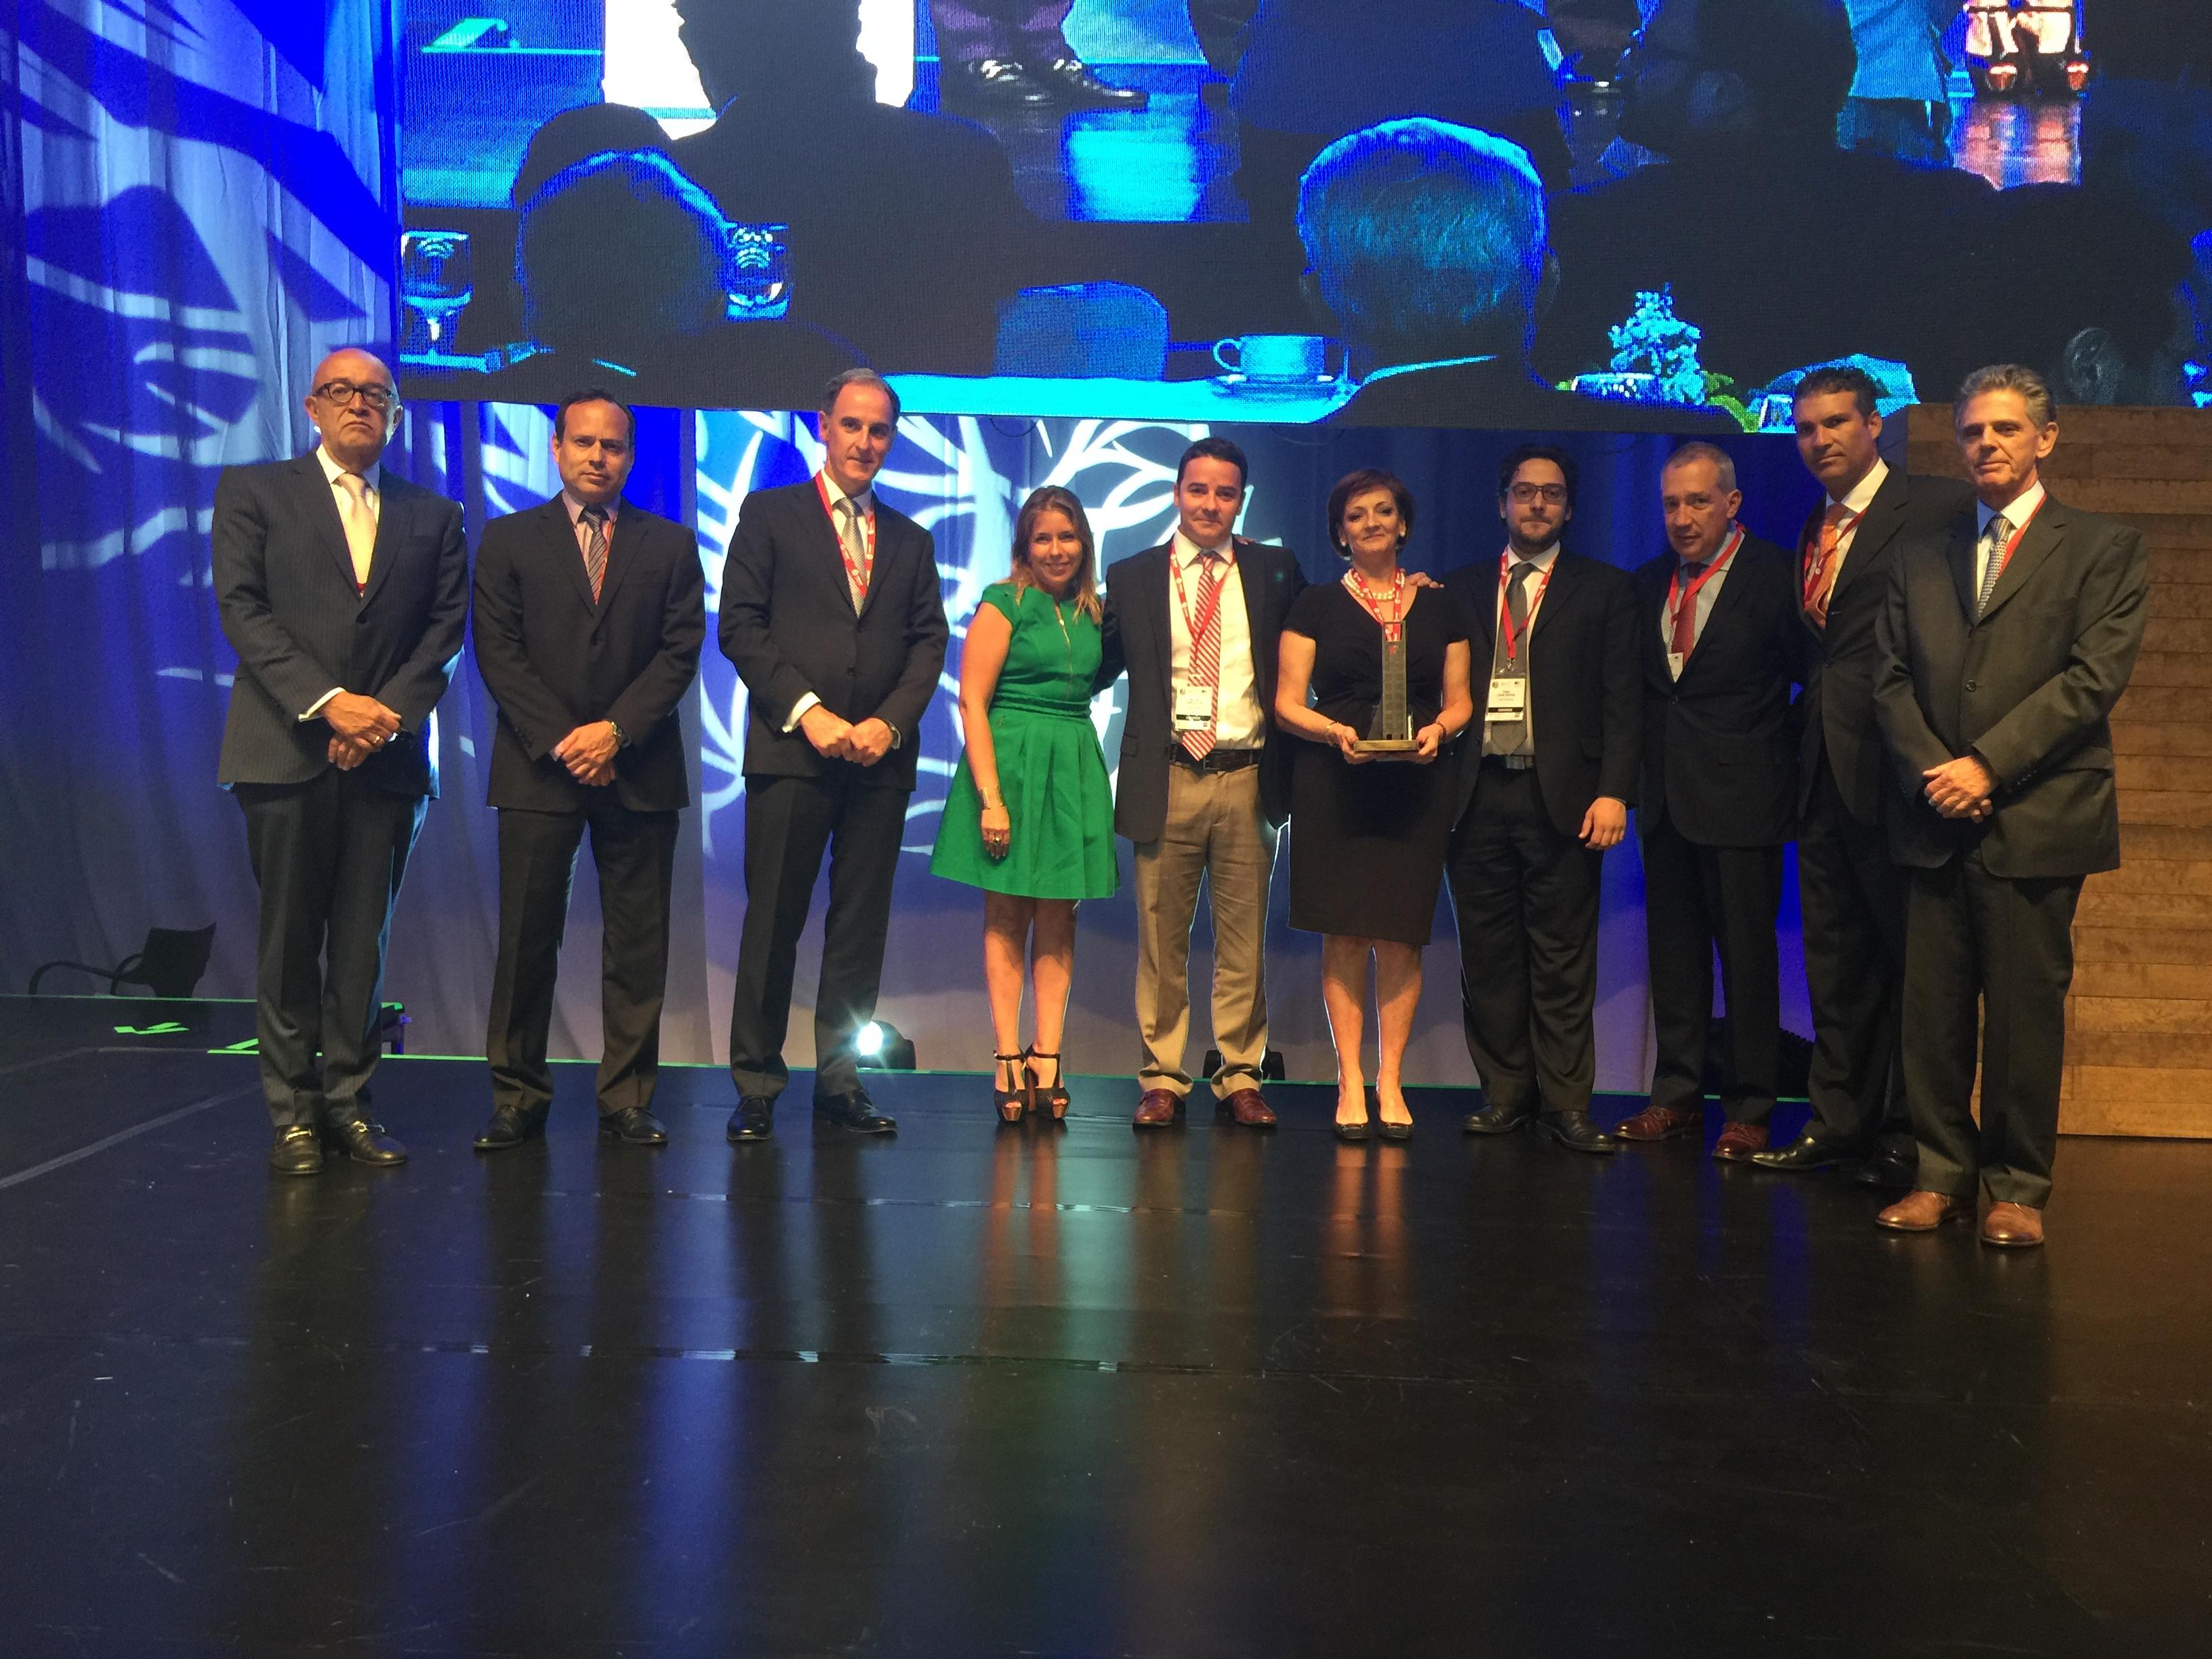 En la imagen, Paloma Silva, titular de CONAVI, destacó la importancia del sector inmobiliario durante evento organizado por la Asociación de Desarrolladores Inmobiliarios.